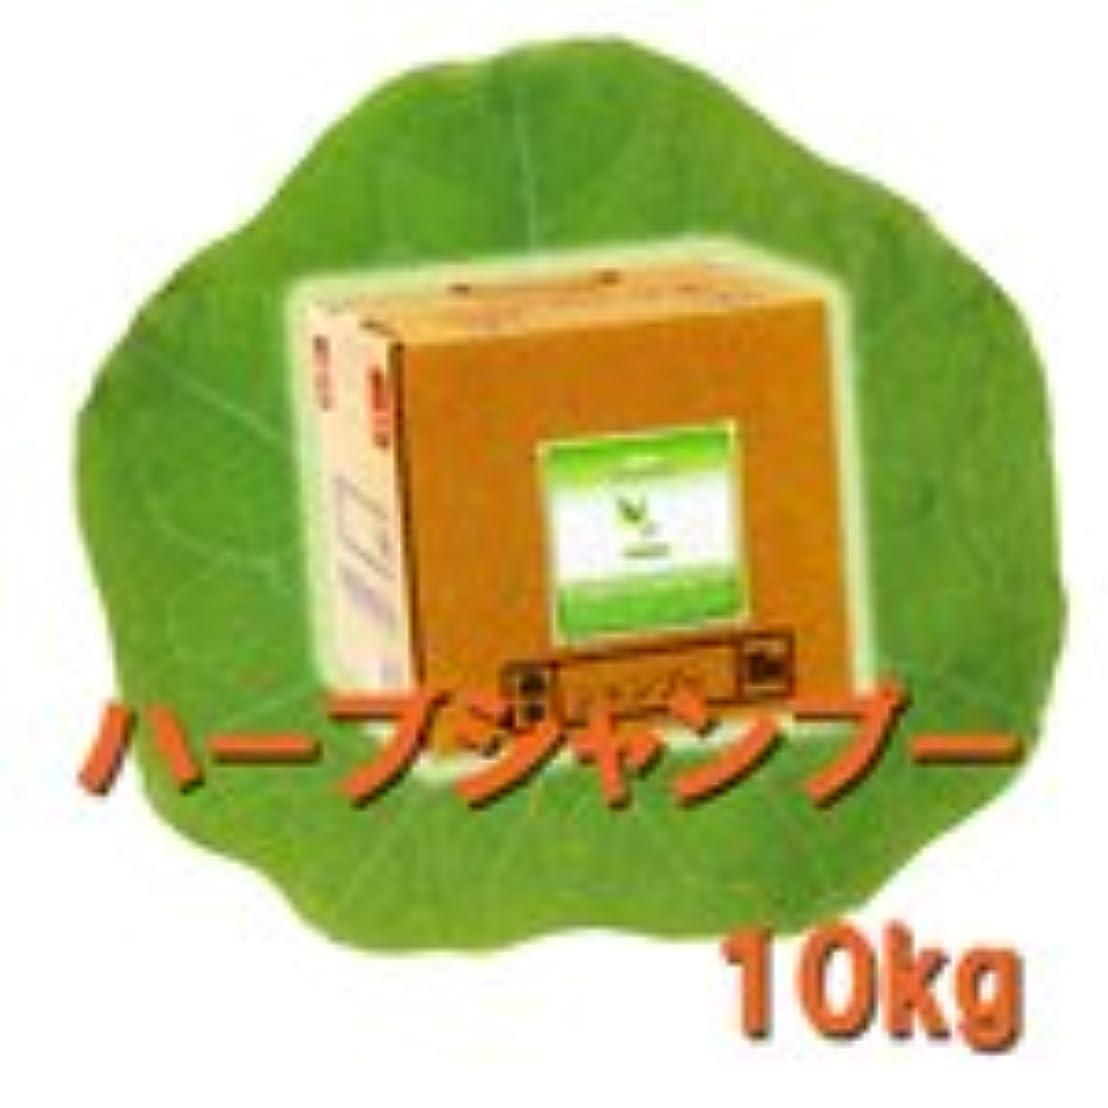 有毒膨張する思われる中央有機化学 ハーブシリーズ ハーブシャンプー 10kg